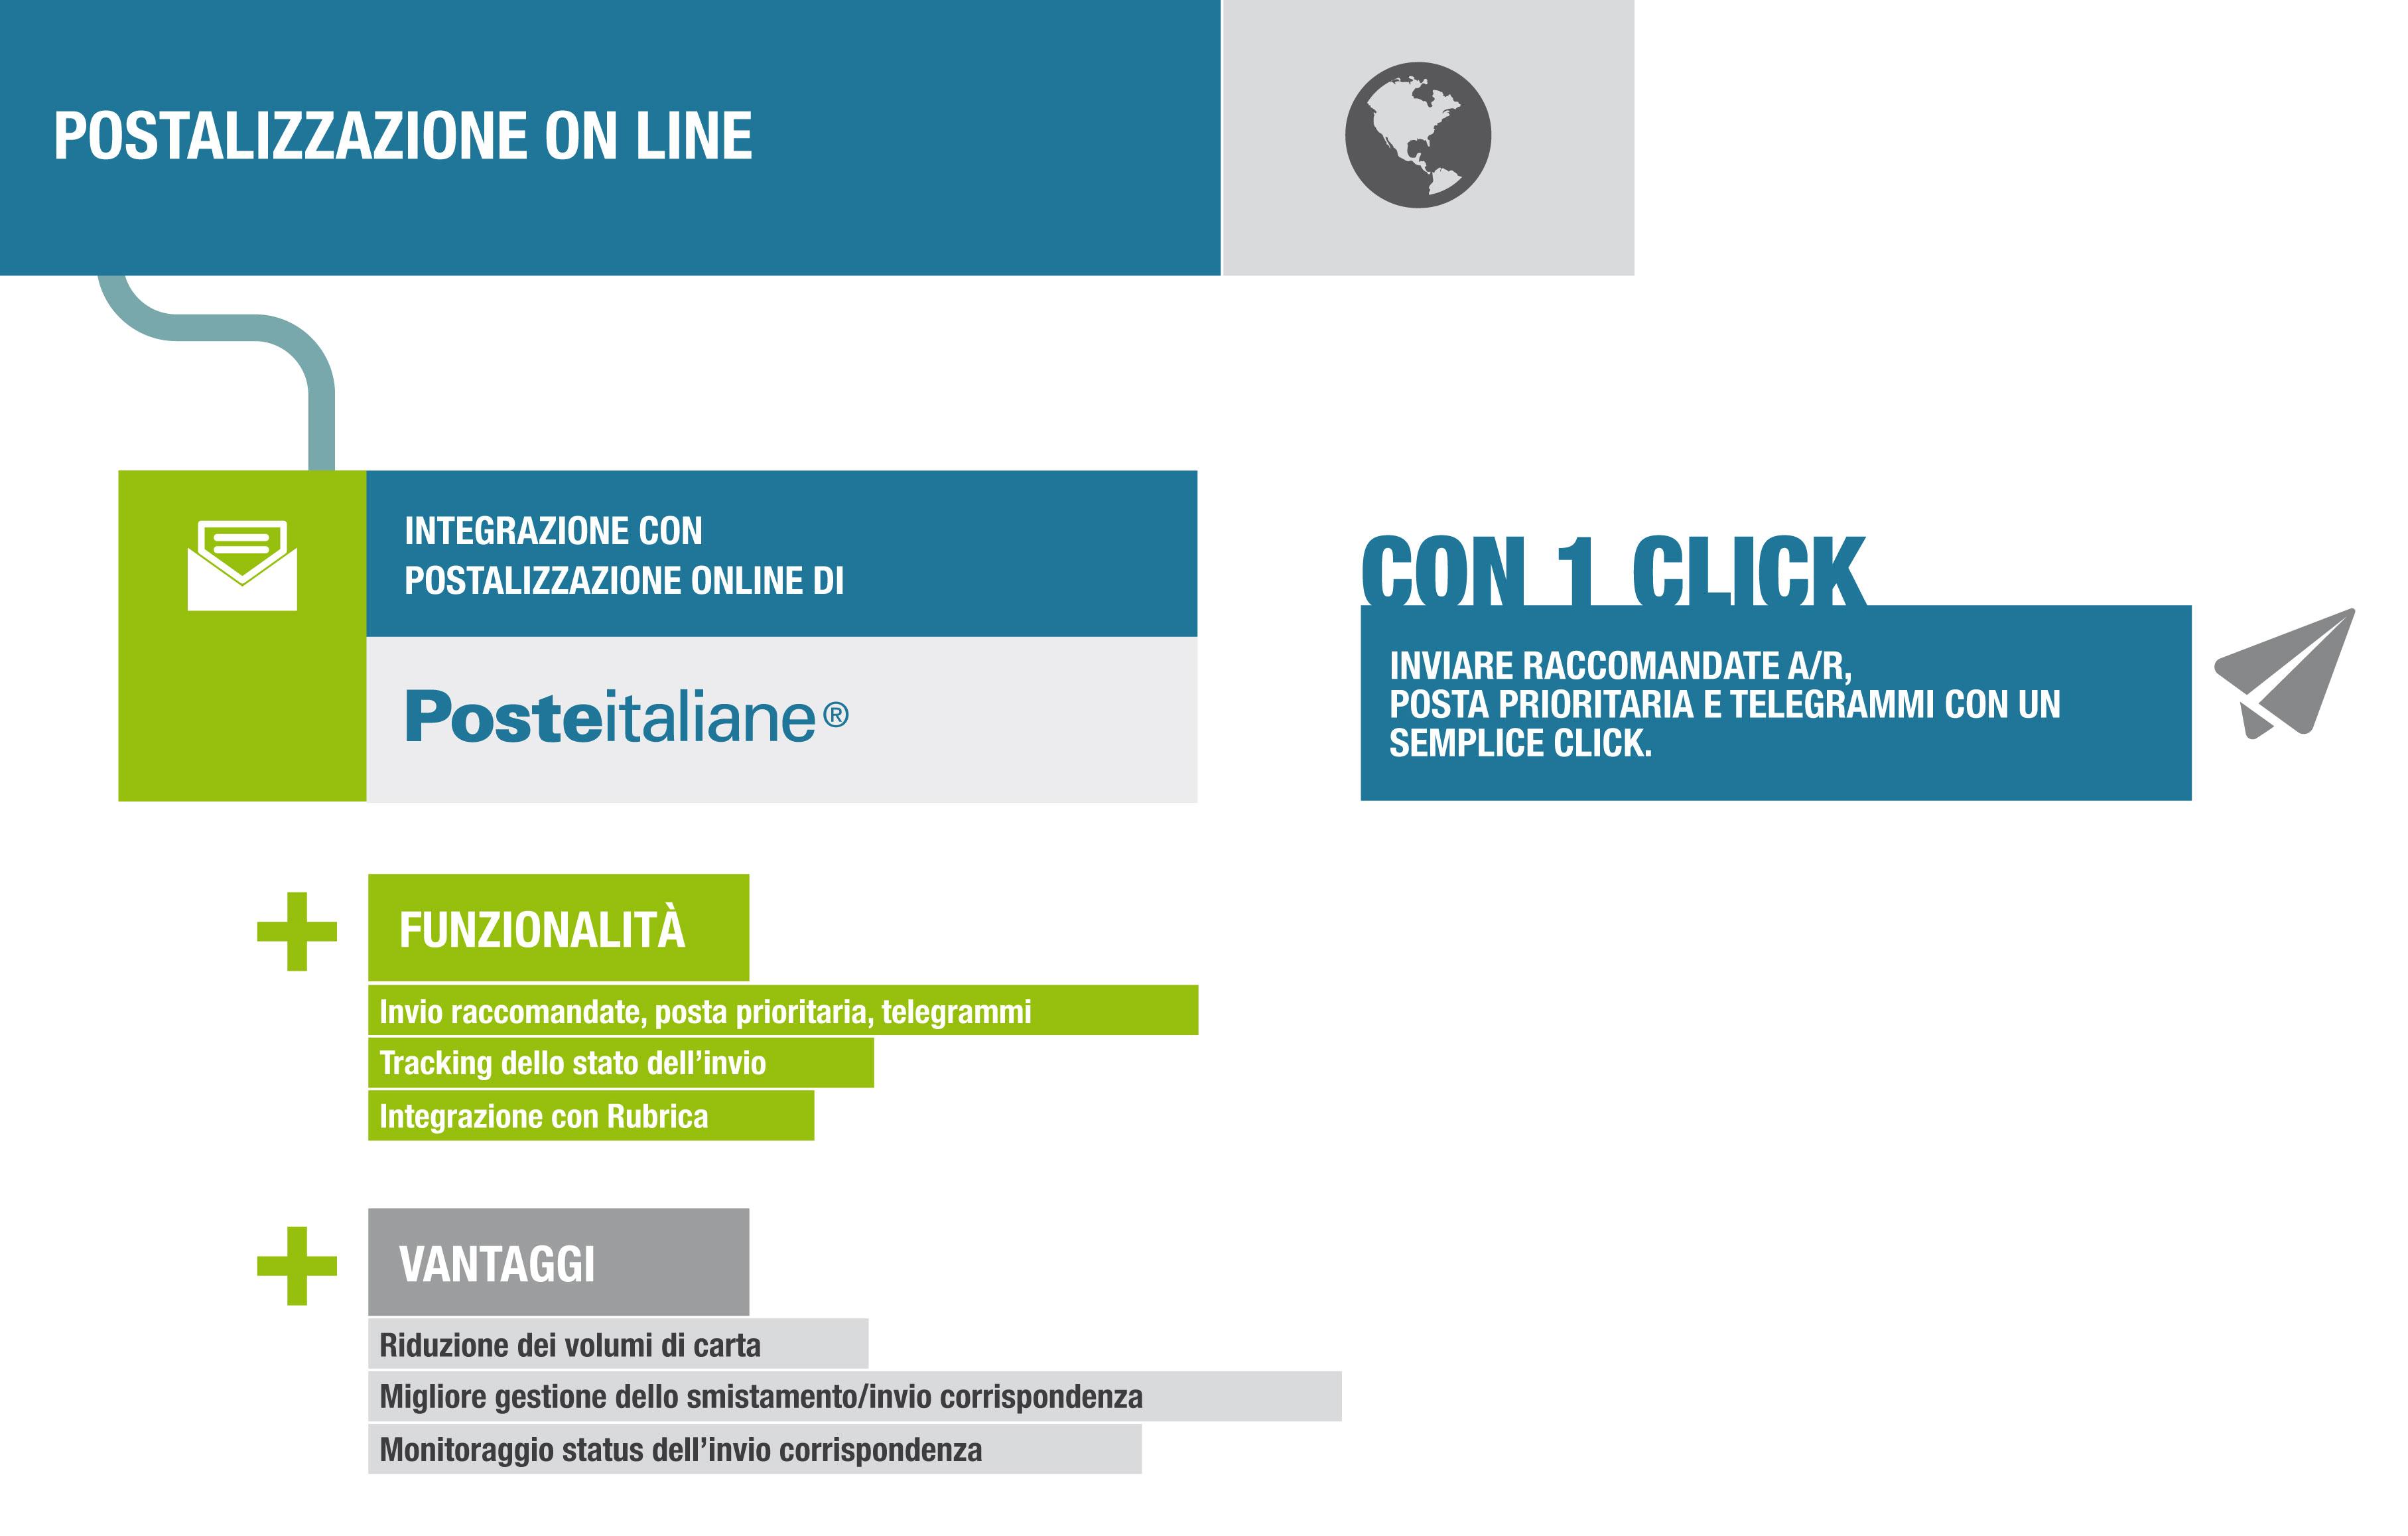 infografica-postalizzazione-online